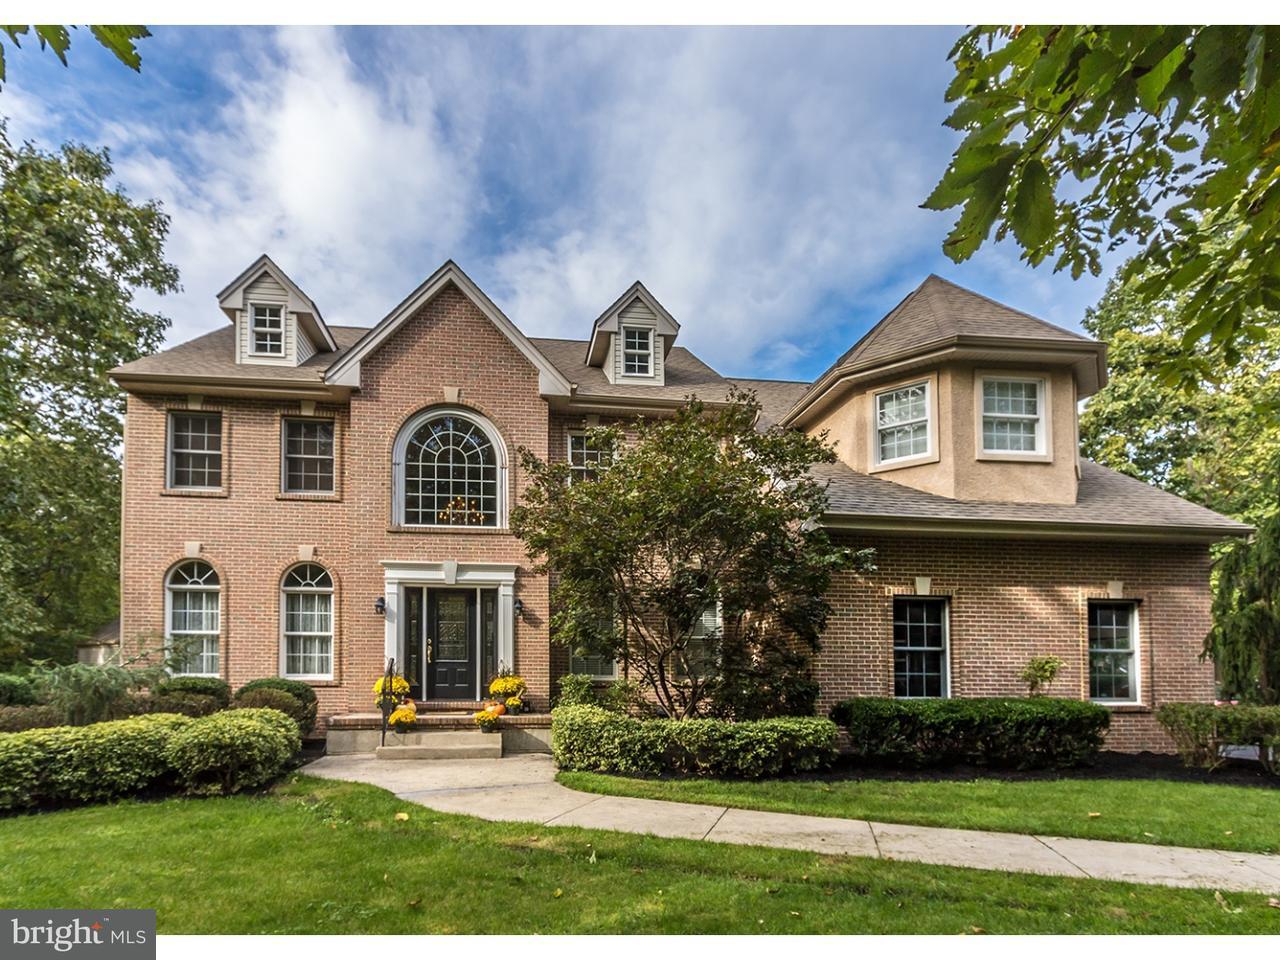 Μονοκατοικία για την Πώληση στο 2 THOMAS EAKINS WAY Marlton, Νιου Τζερσεϋ 08053 Ηνωμενεσ Πολιτειεσ